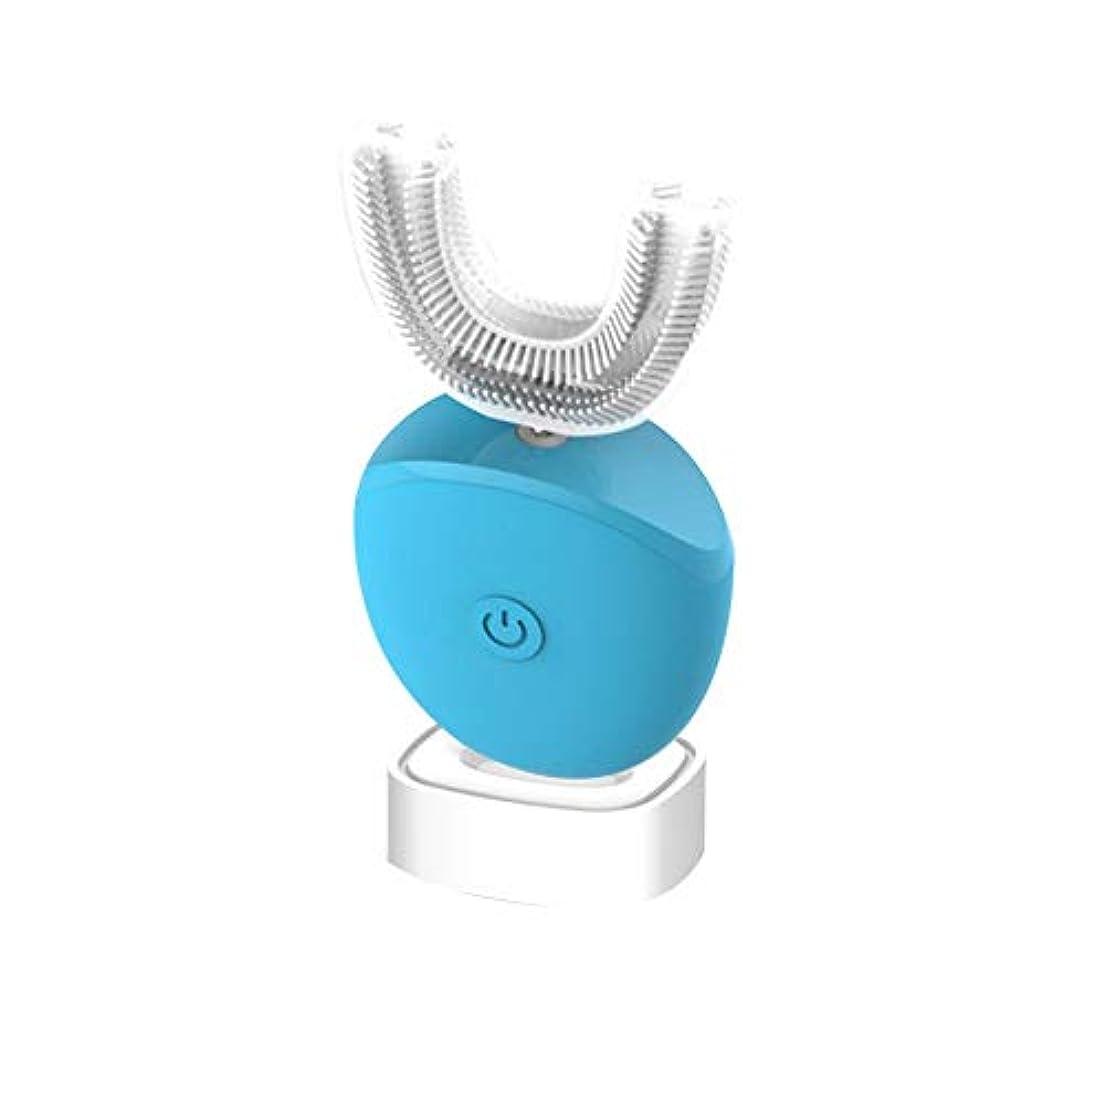 透過性桃飢えたフルオートマチック可変周波数電動歯ブラシ、自動360度U字型電動歯ブラシ、ワイヤレス充電IPX7防水自動歯ブラシ(大人用),Blue